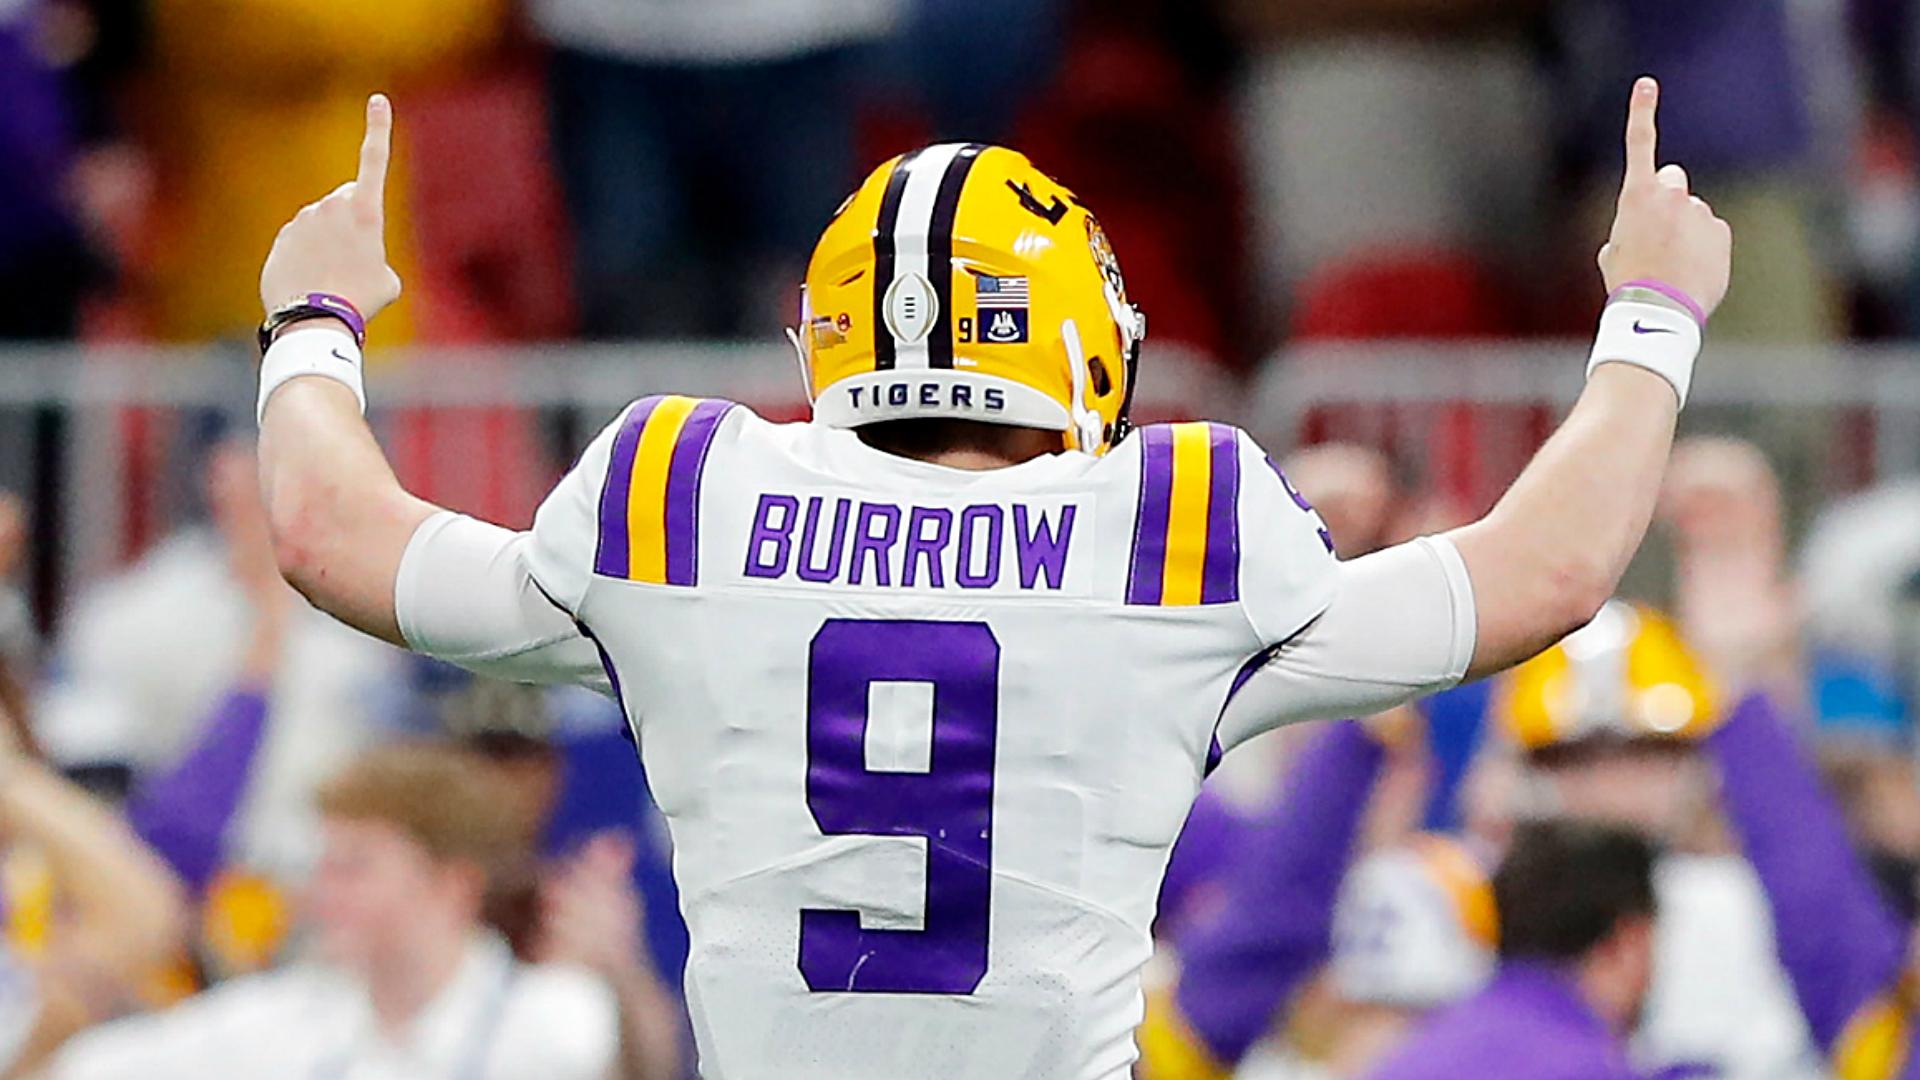 ¿Cómo será el juego aéreo de LSU sin Joe Burrow, Joe Brady en 2020? 2